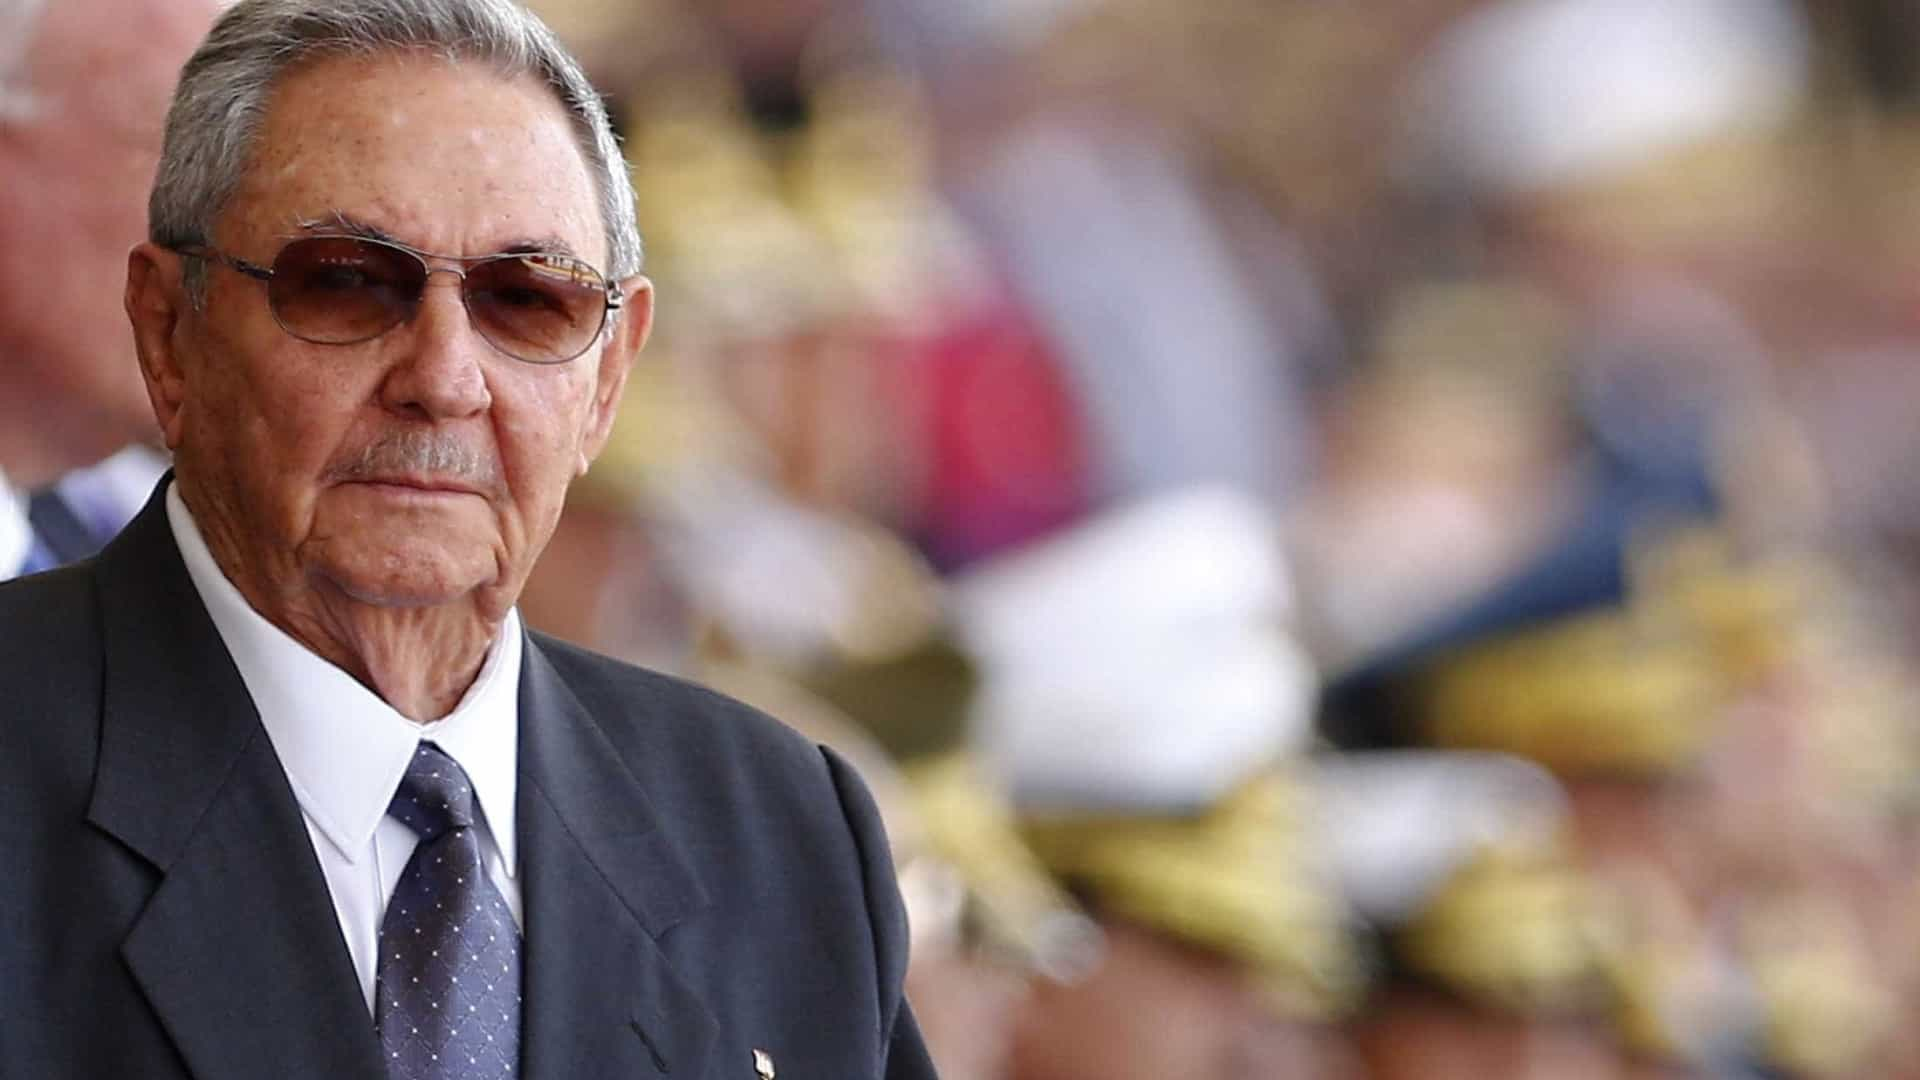 Raúl Castro rebate Trump: 'Cuba não precisa receber lições dos EUA'